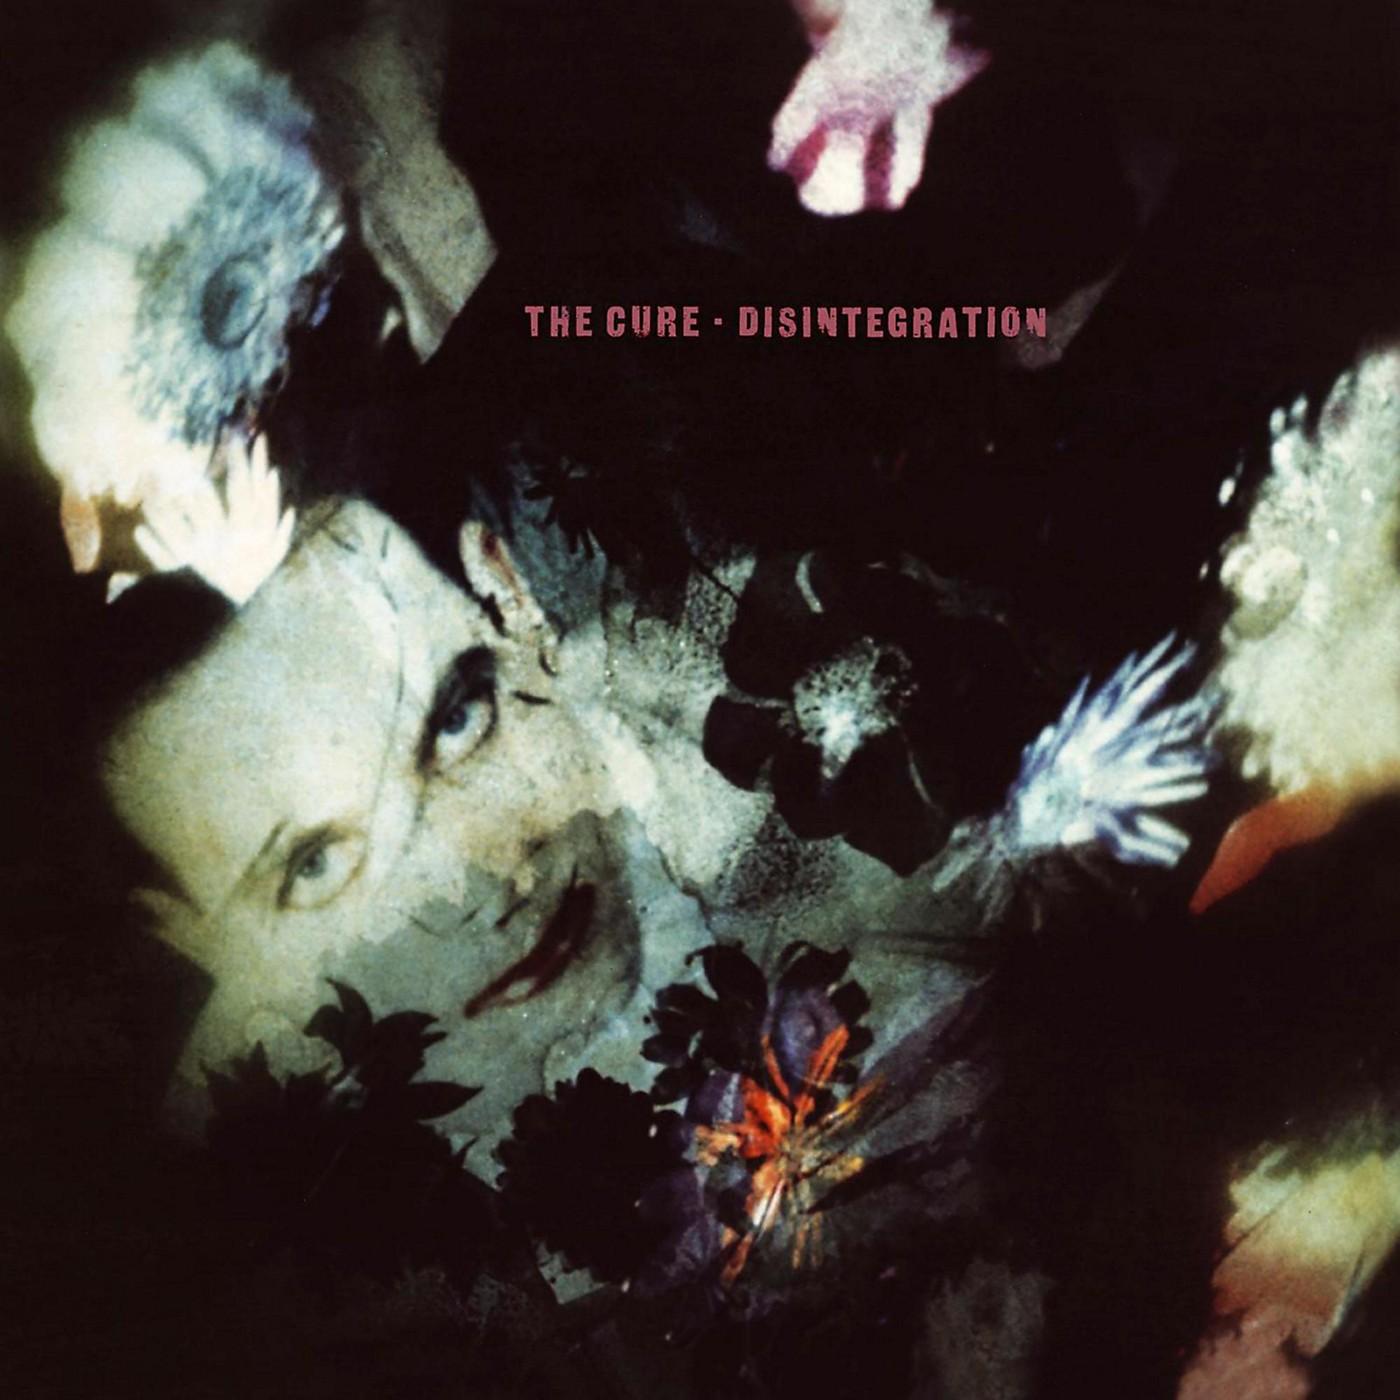 WEA The Cure - Disintegration (Deluxe Edition)(2Lp 180 Gram Vinyl) thumbnail